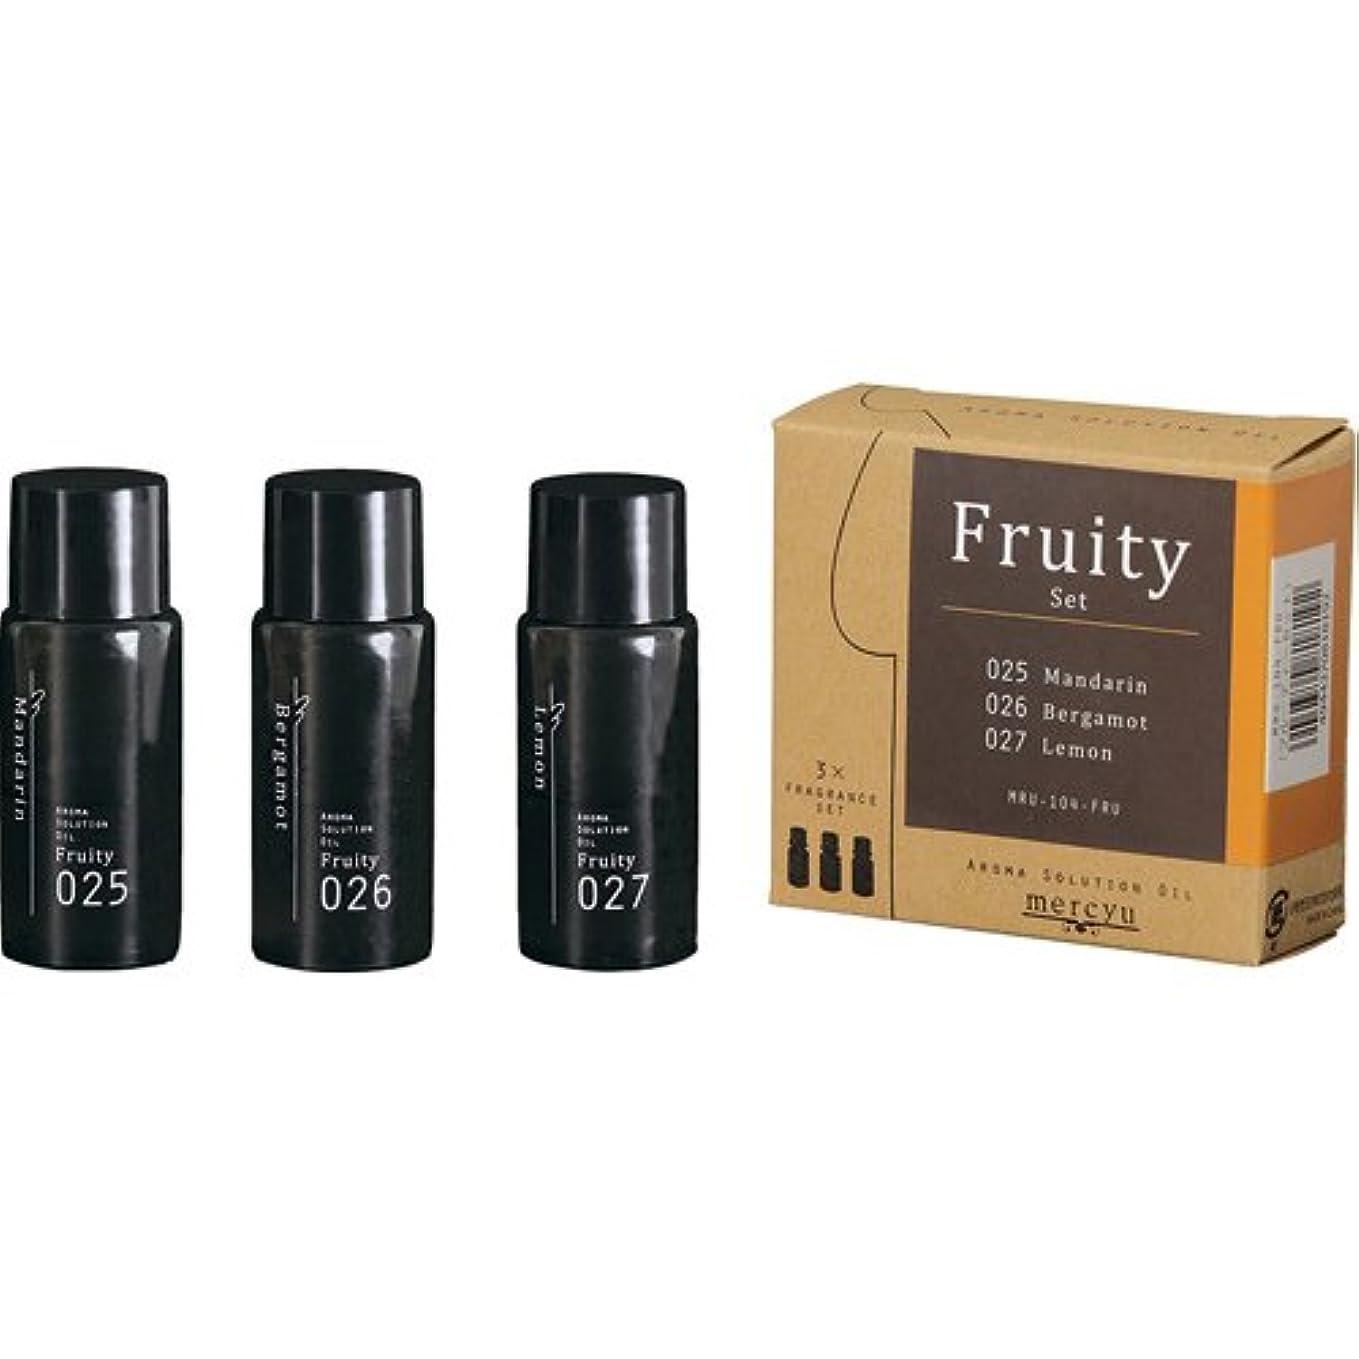 重要なイタリアの測定アロマ ソリューション オイル Fruity (025ベルガモット/026レモン/027マンダリン) MRU-104-FRU